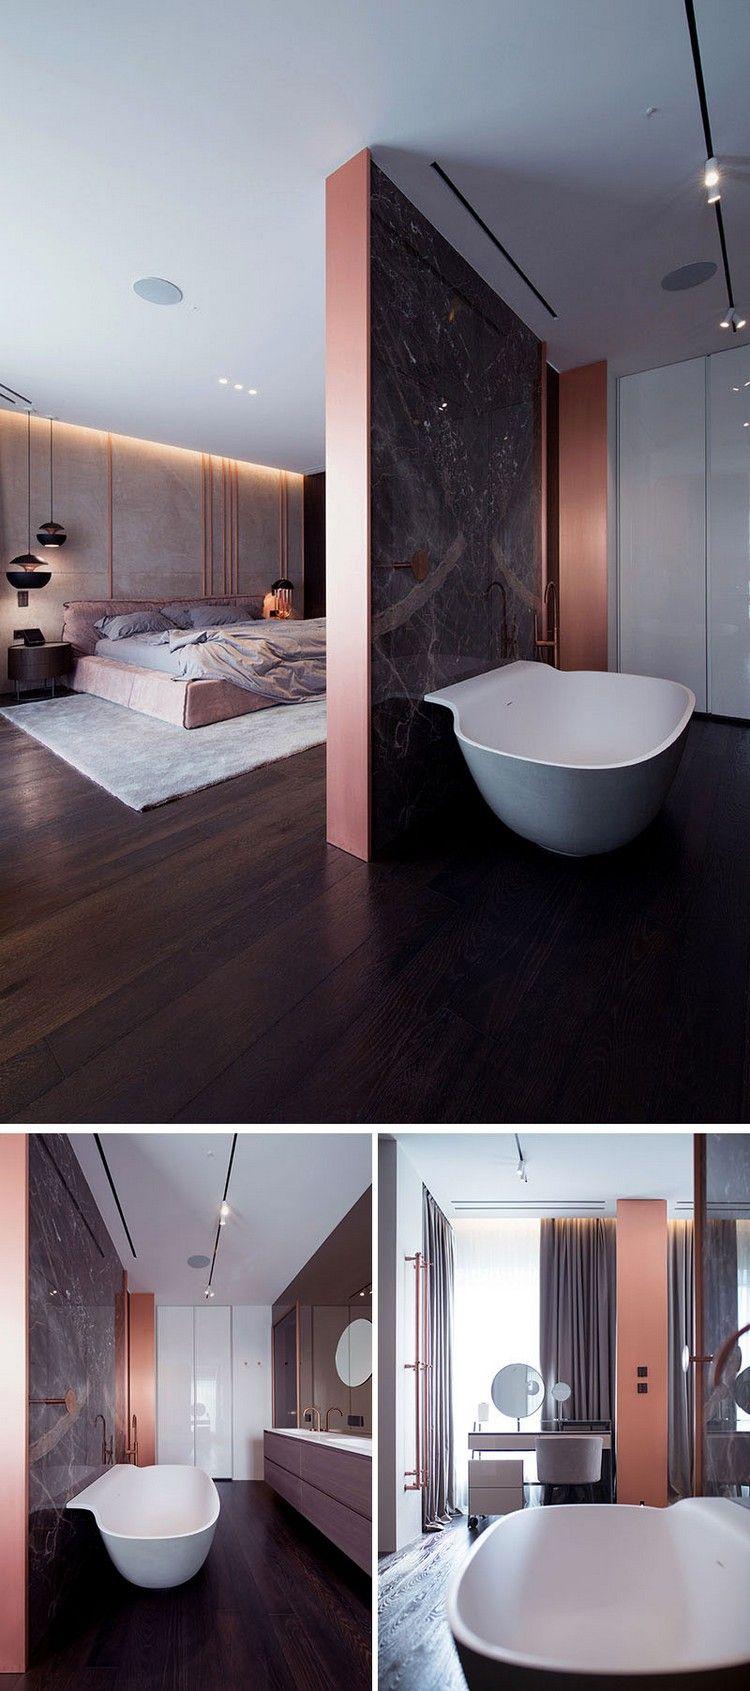 Raumteiler Bad schlafzimmer eigenes bad raumteiler kupfer akzente innendesign